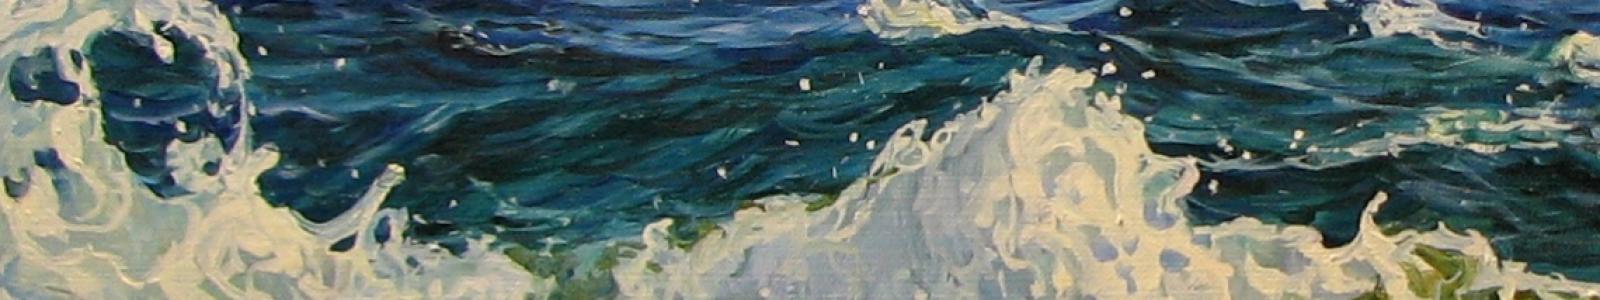 Gallery Painter Iryna Kastsova